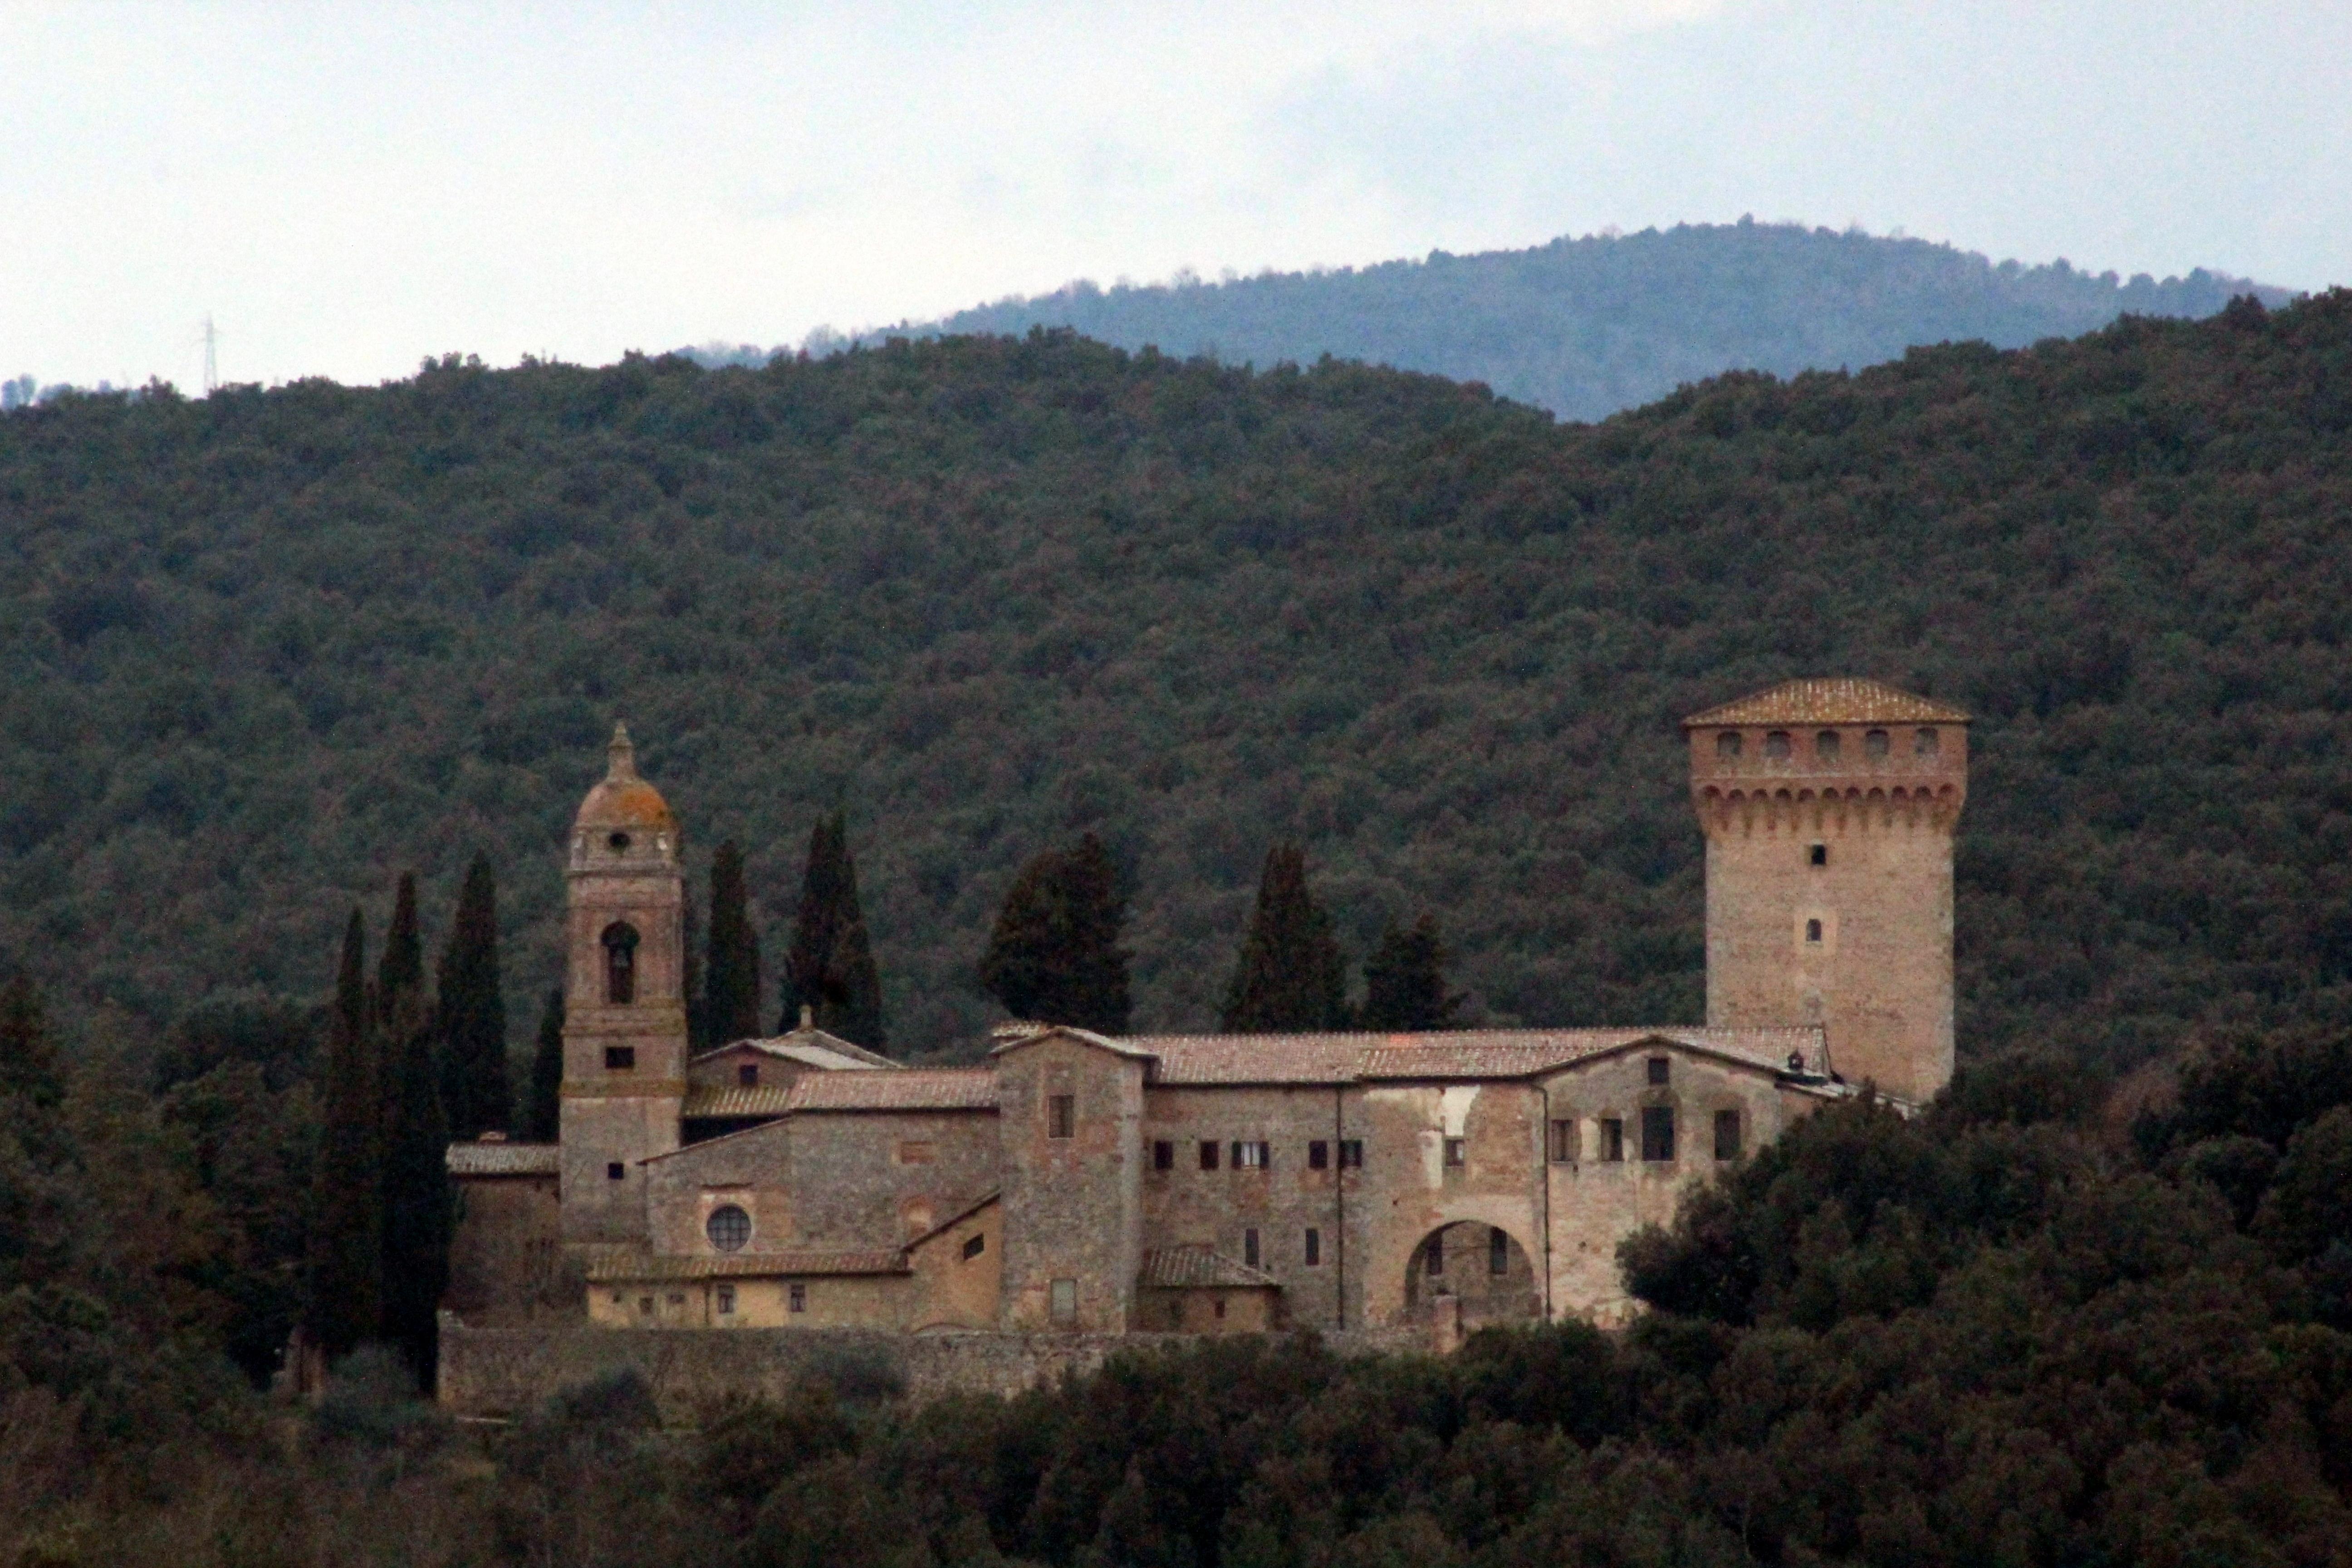 Hermitage Eremo di San Salvatore di Lecceto (Eremo di Lecceto), outside of Siena